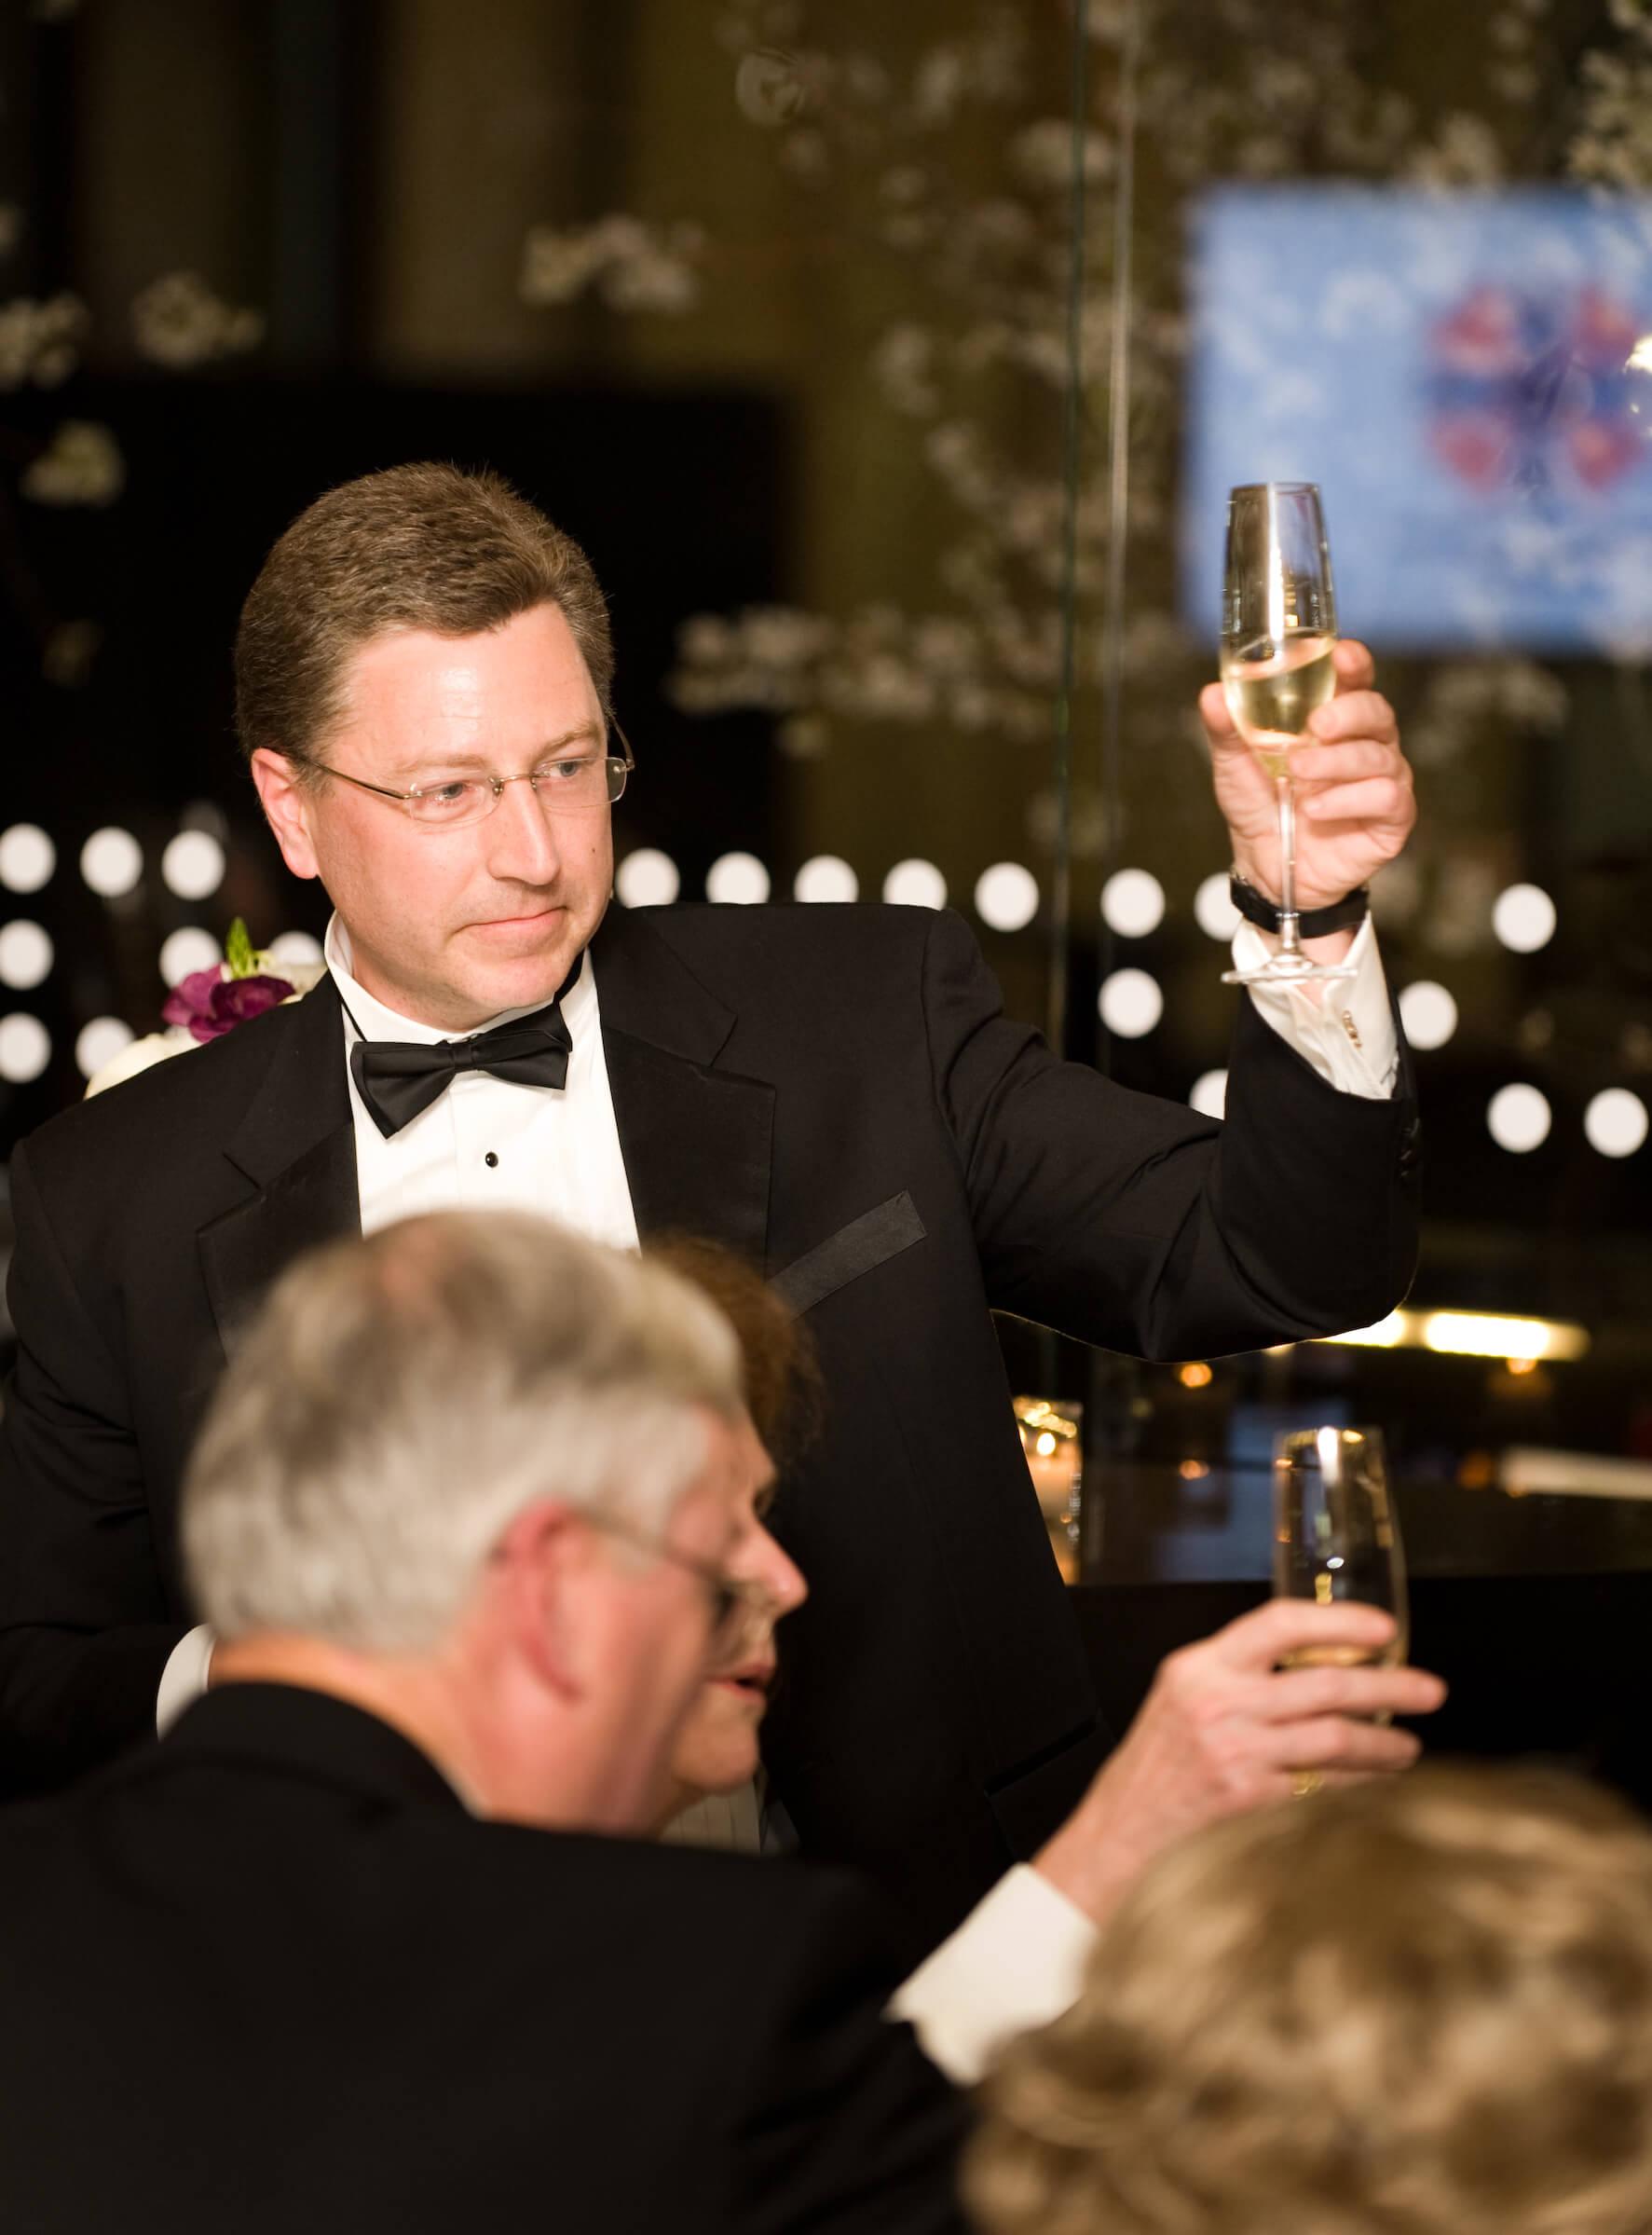 Ambassador Kurt Volker delivering a toast